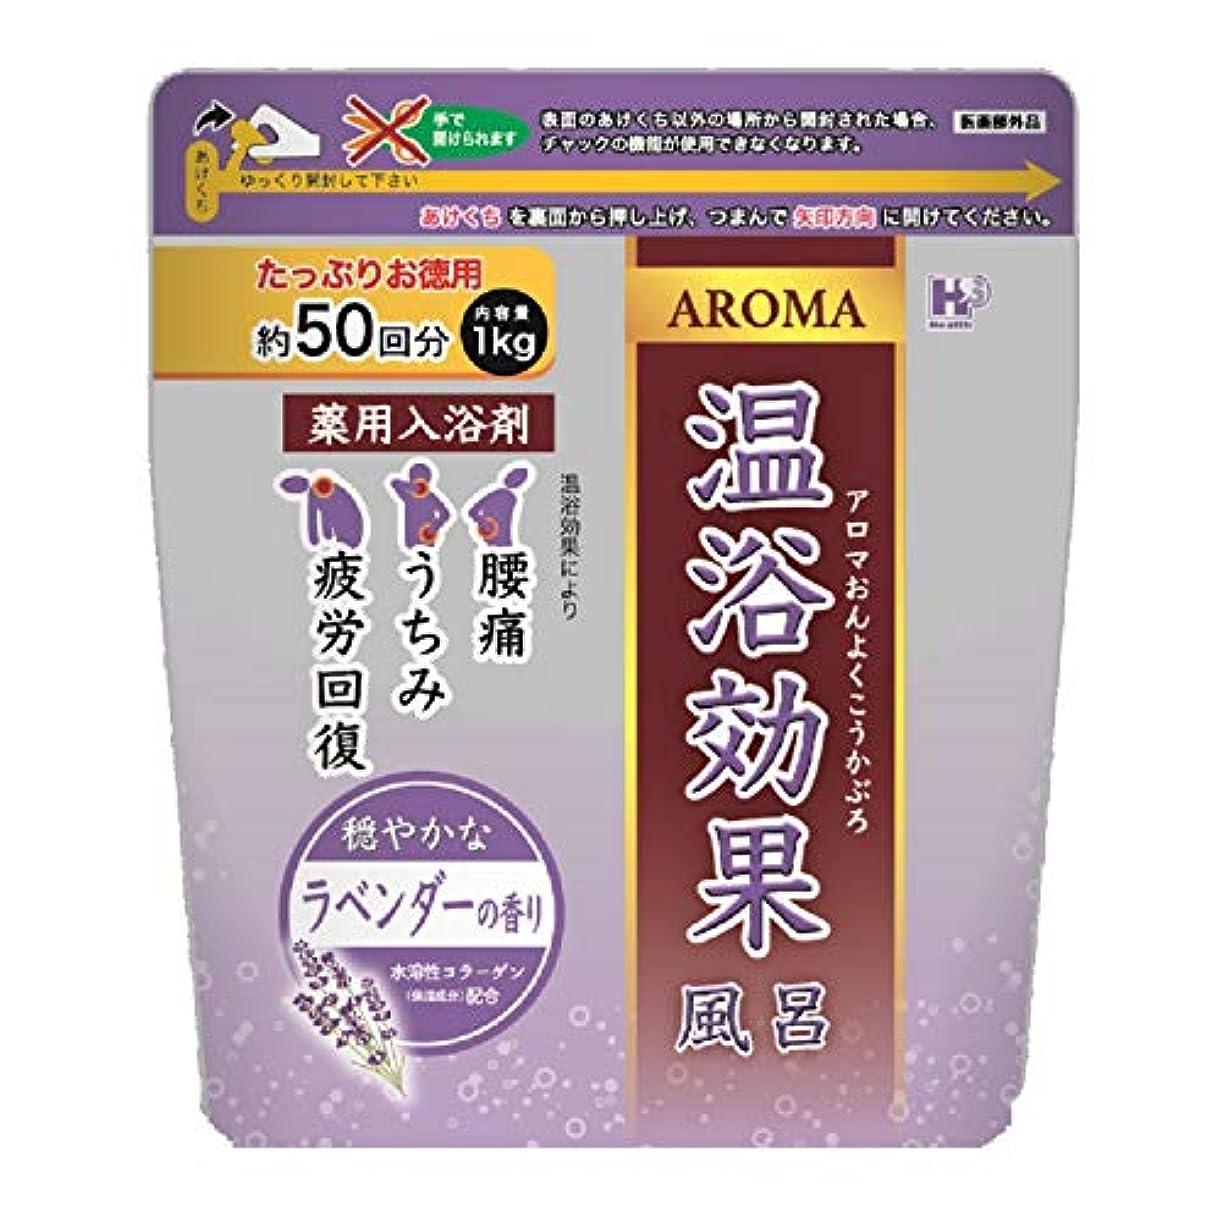 予想外しょっぱい枠アロマ温浴効果風呂 ラベンダー 1kg